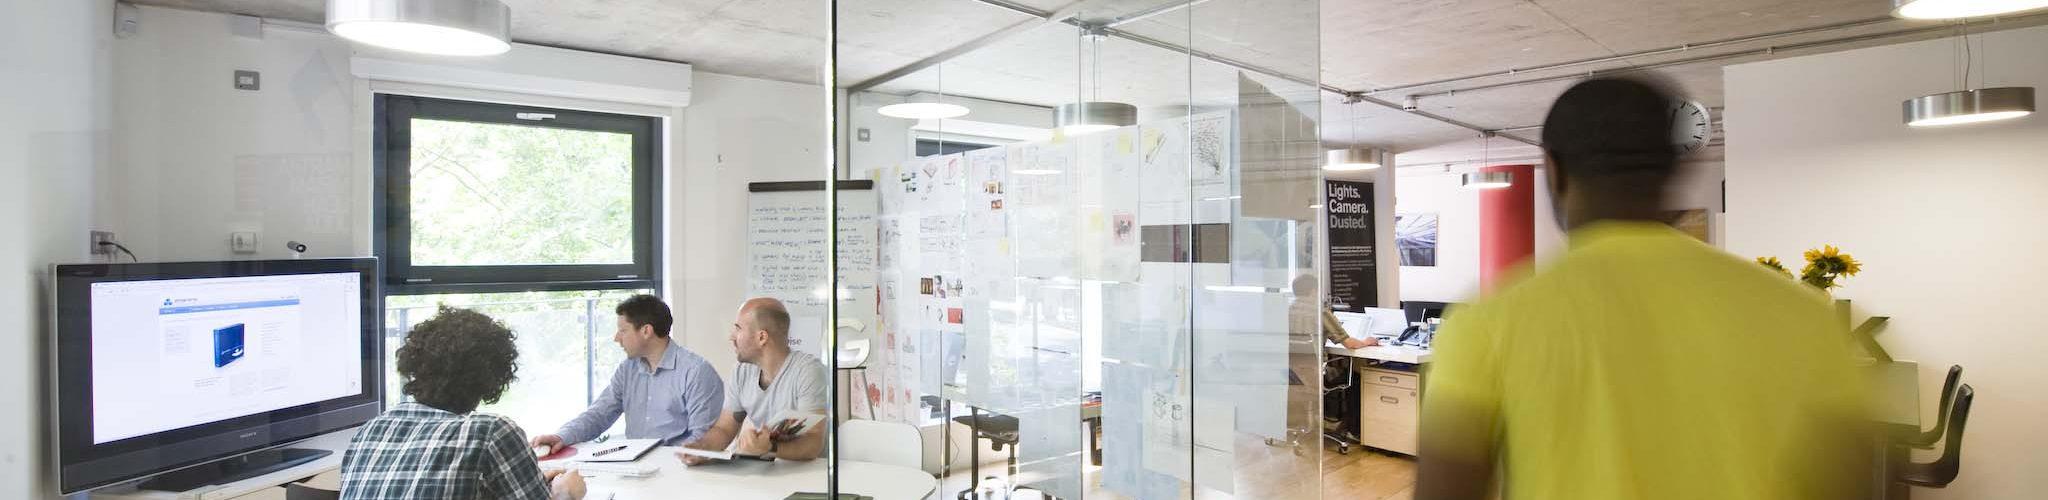 Hoe stel je de kenniswerker centraal in het ontwerp van een kantoor omgevingspsycholoog - Decoreren van een professioneel kantoor ...